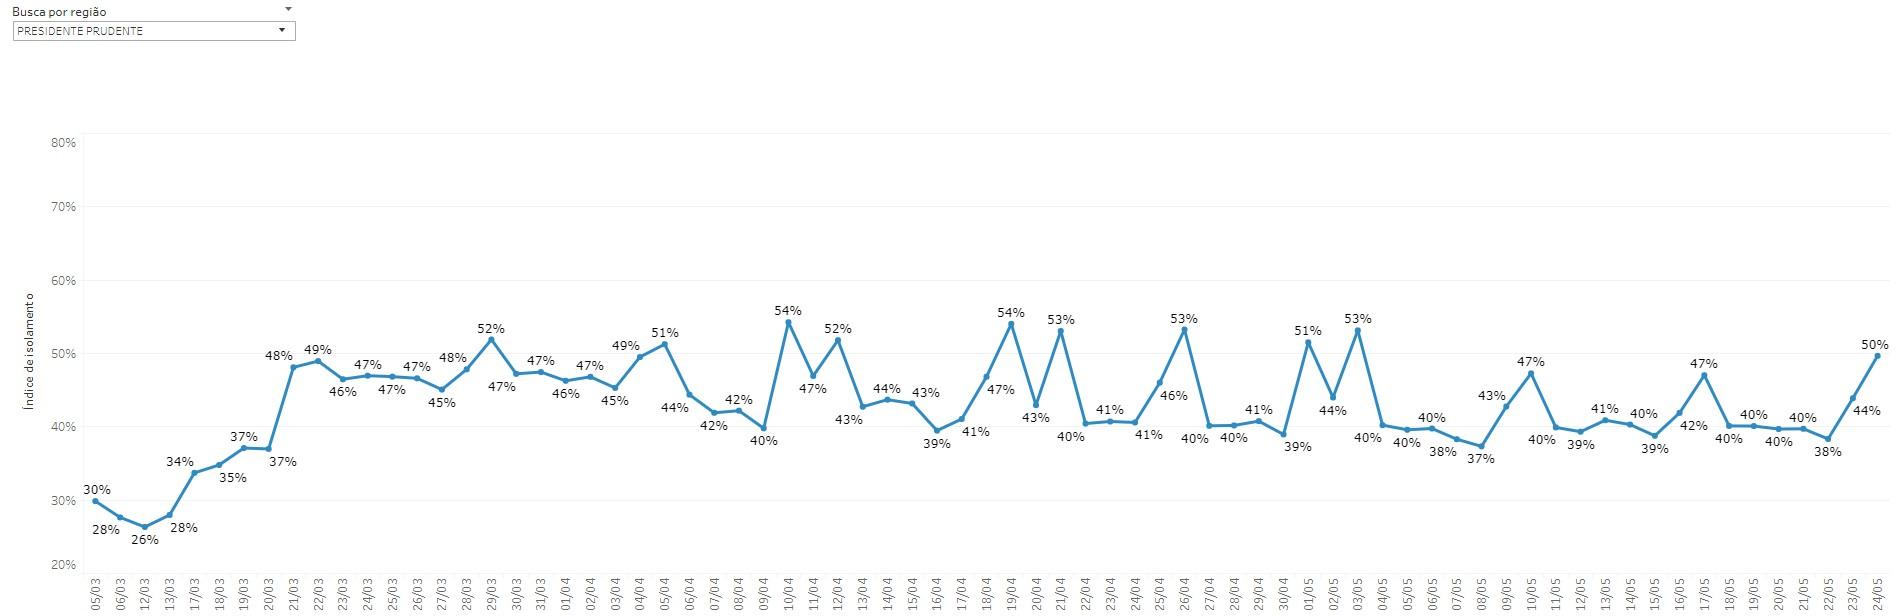 Depois de 21 dias, Presidente Prudente volta a registrar 50% de adesão ao isolamento social no fim semana